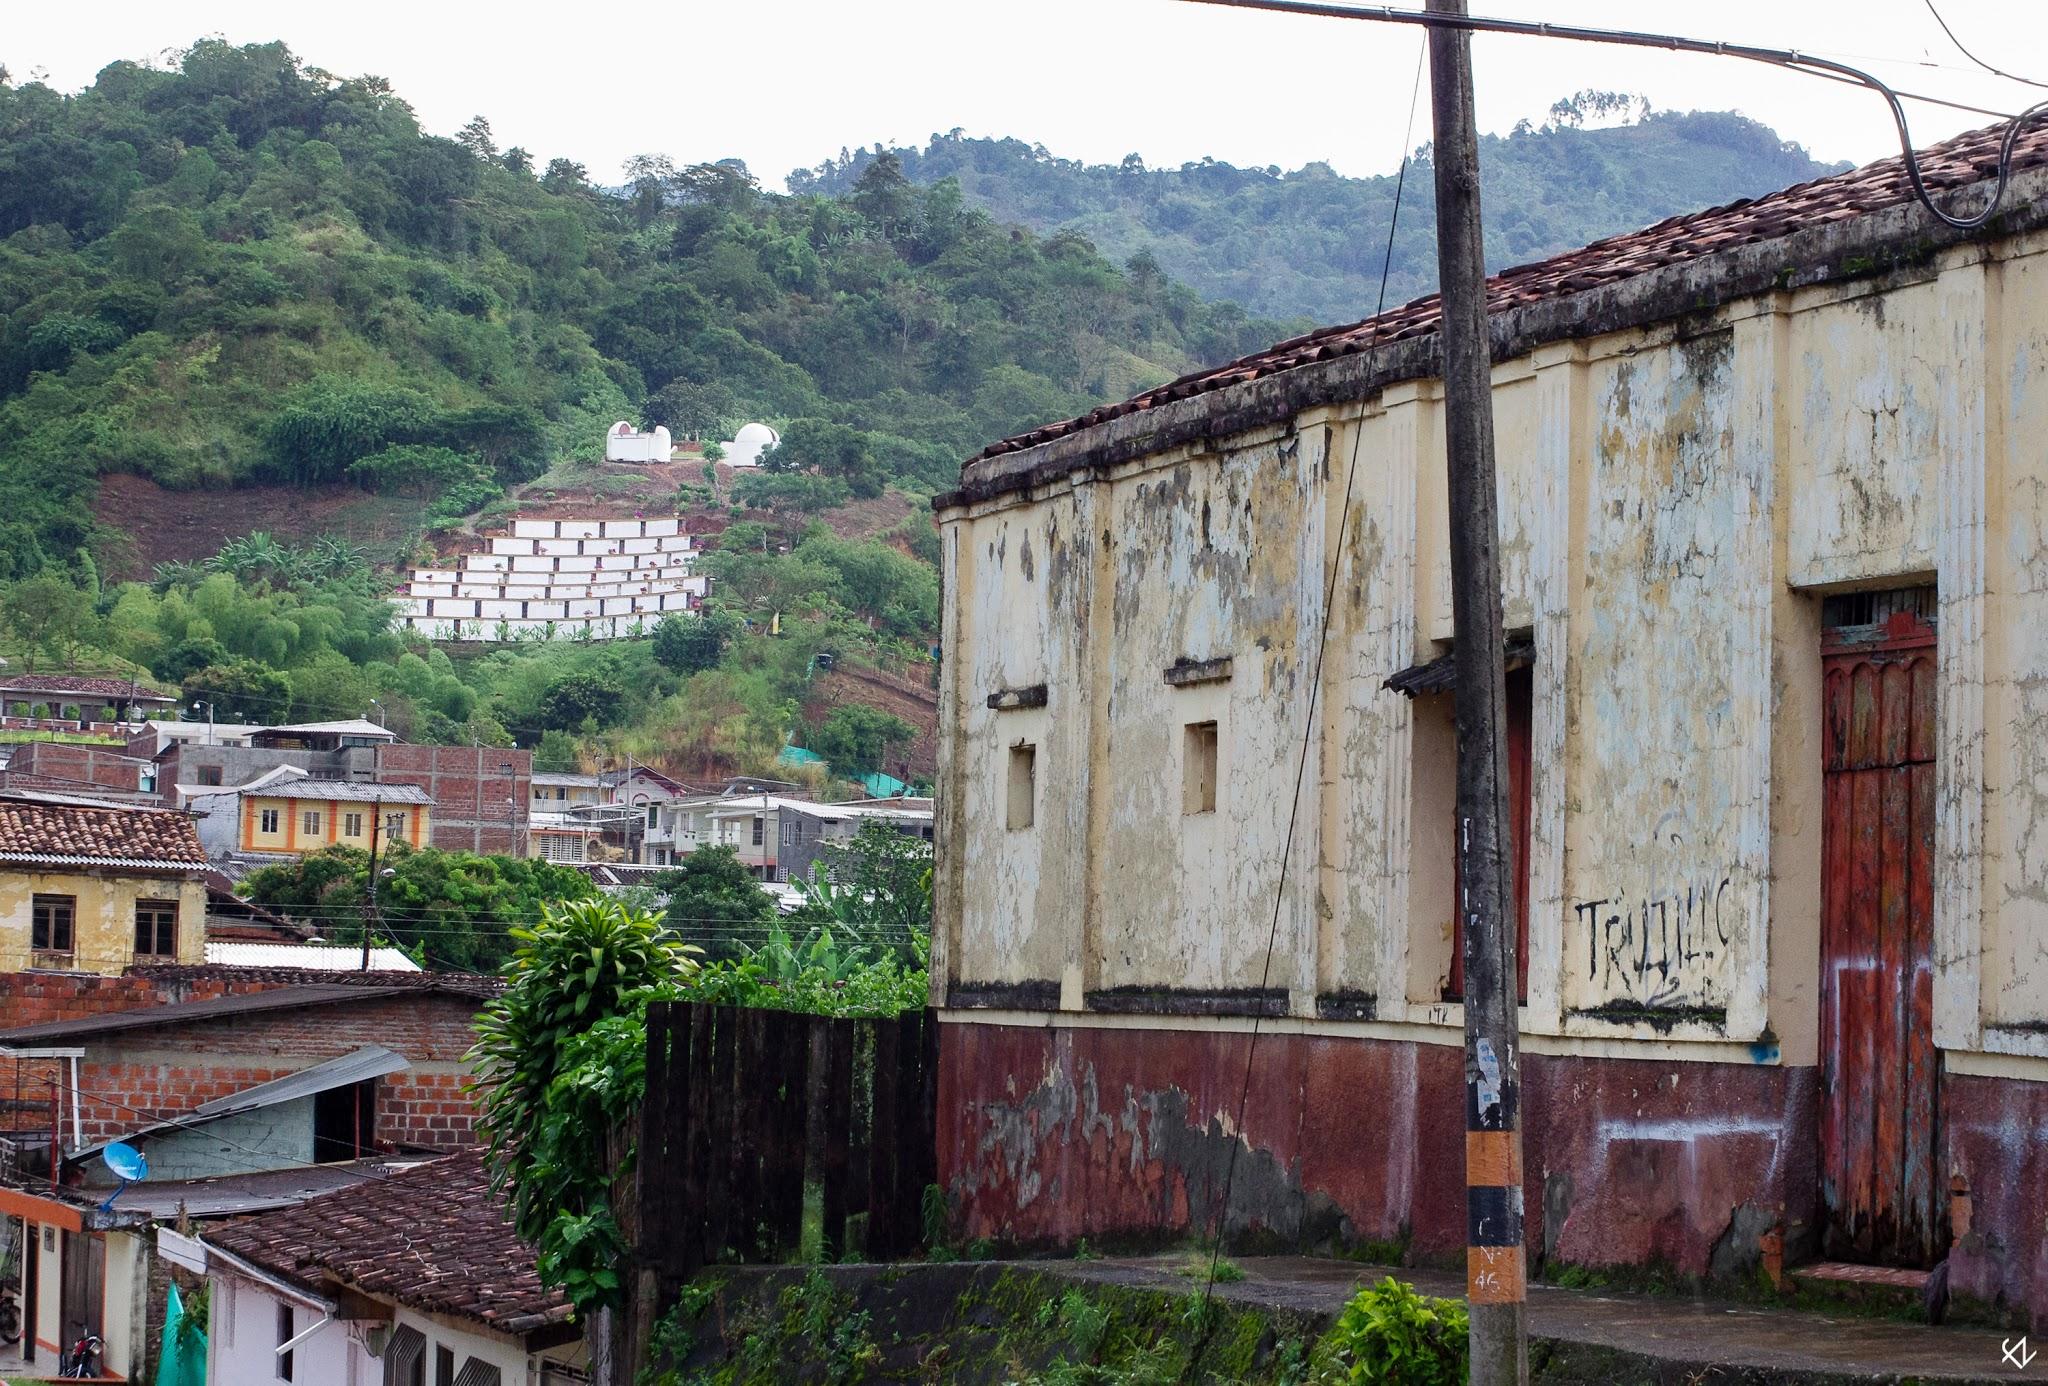 Photo: El pueblo de Trujillo, Valle de Cauca, sufrió una de las masacres más conocidas y mejor documentadas de Colombia. Mas de veinte años después sus víctimas siguen reclamando justicia.